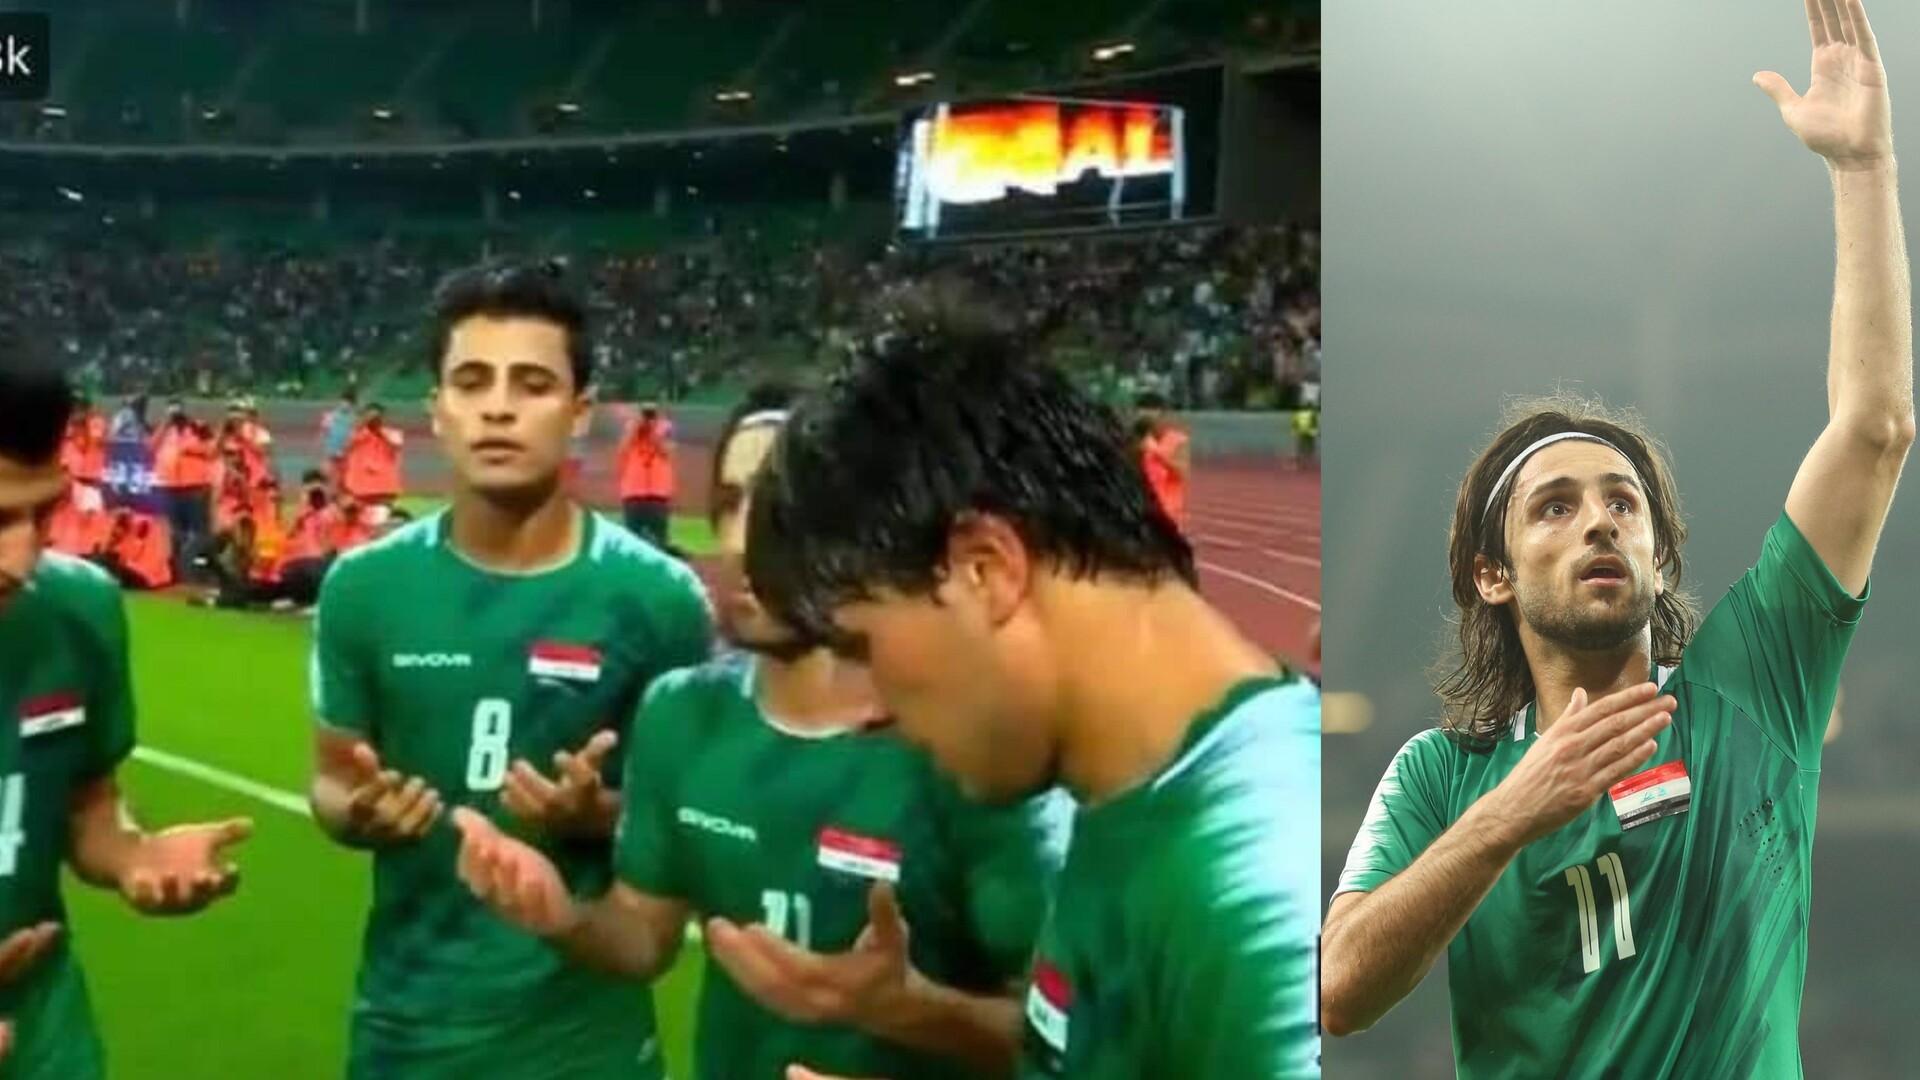 شاهد.. لاعبو منتخب العراق يستبدلون فرحة الهدف بدقيقة صمت